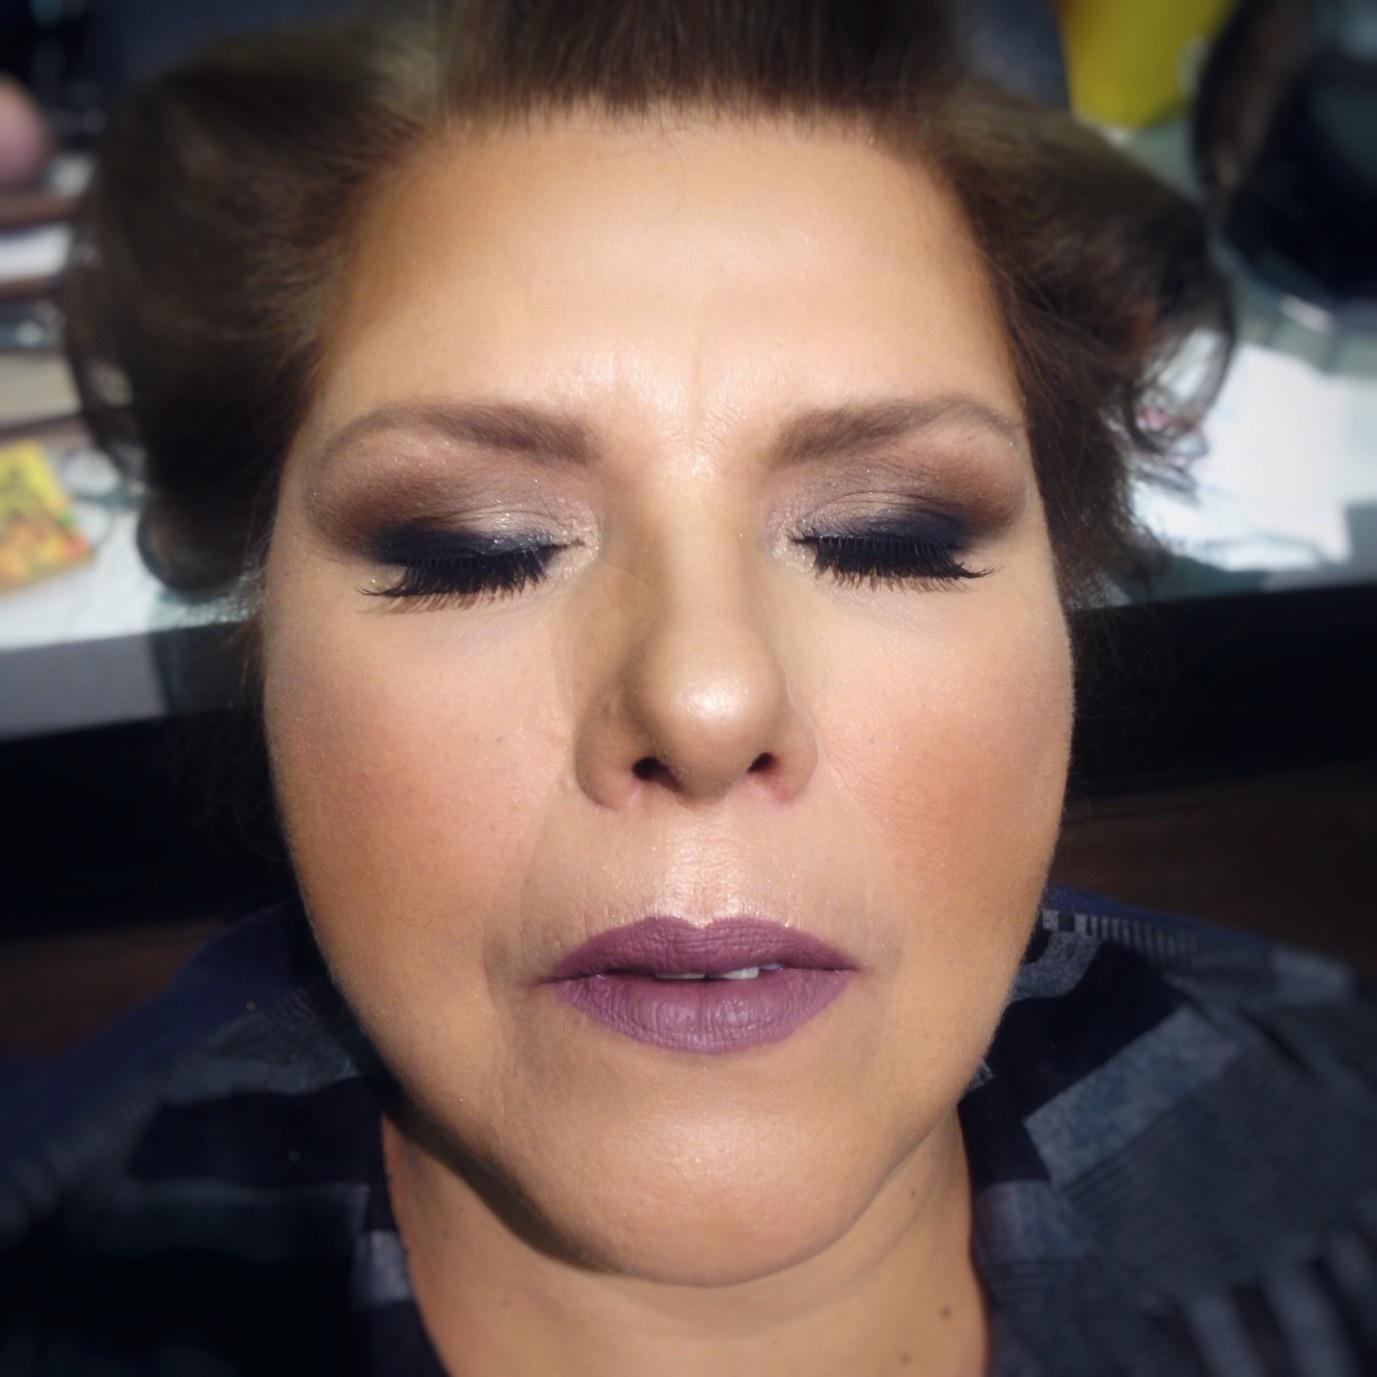 Maquiagem com olhos marcantes, para pele madura com côncavo caído.  maquiagem maquiador(a) depilador(a)